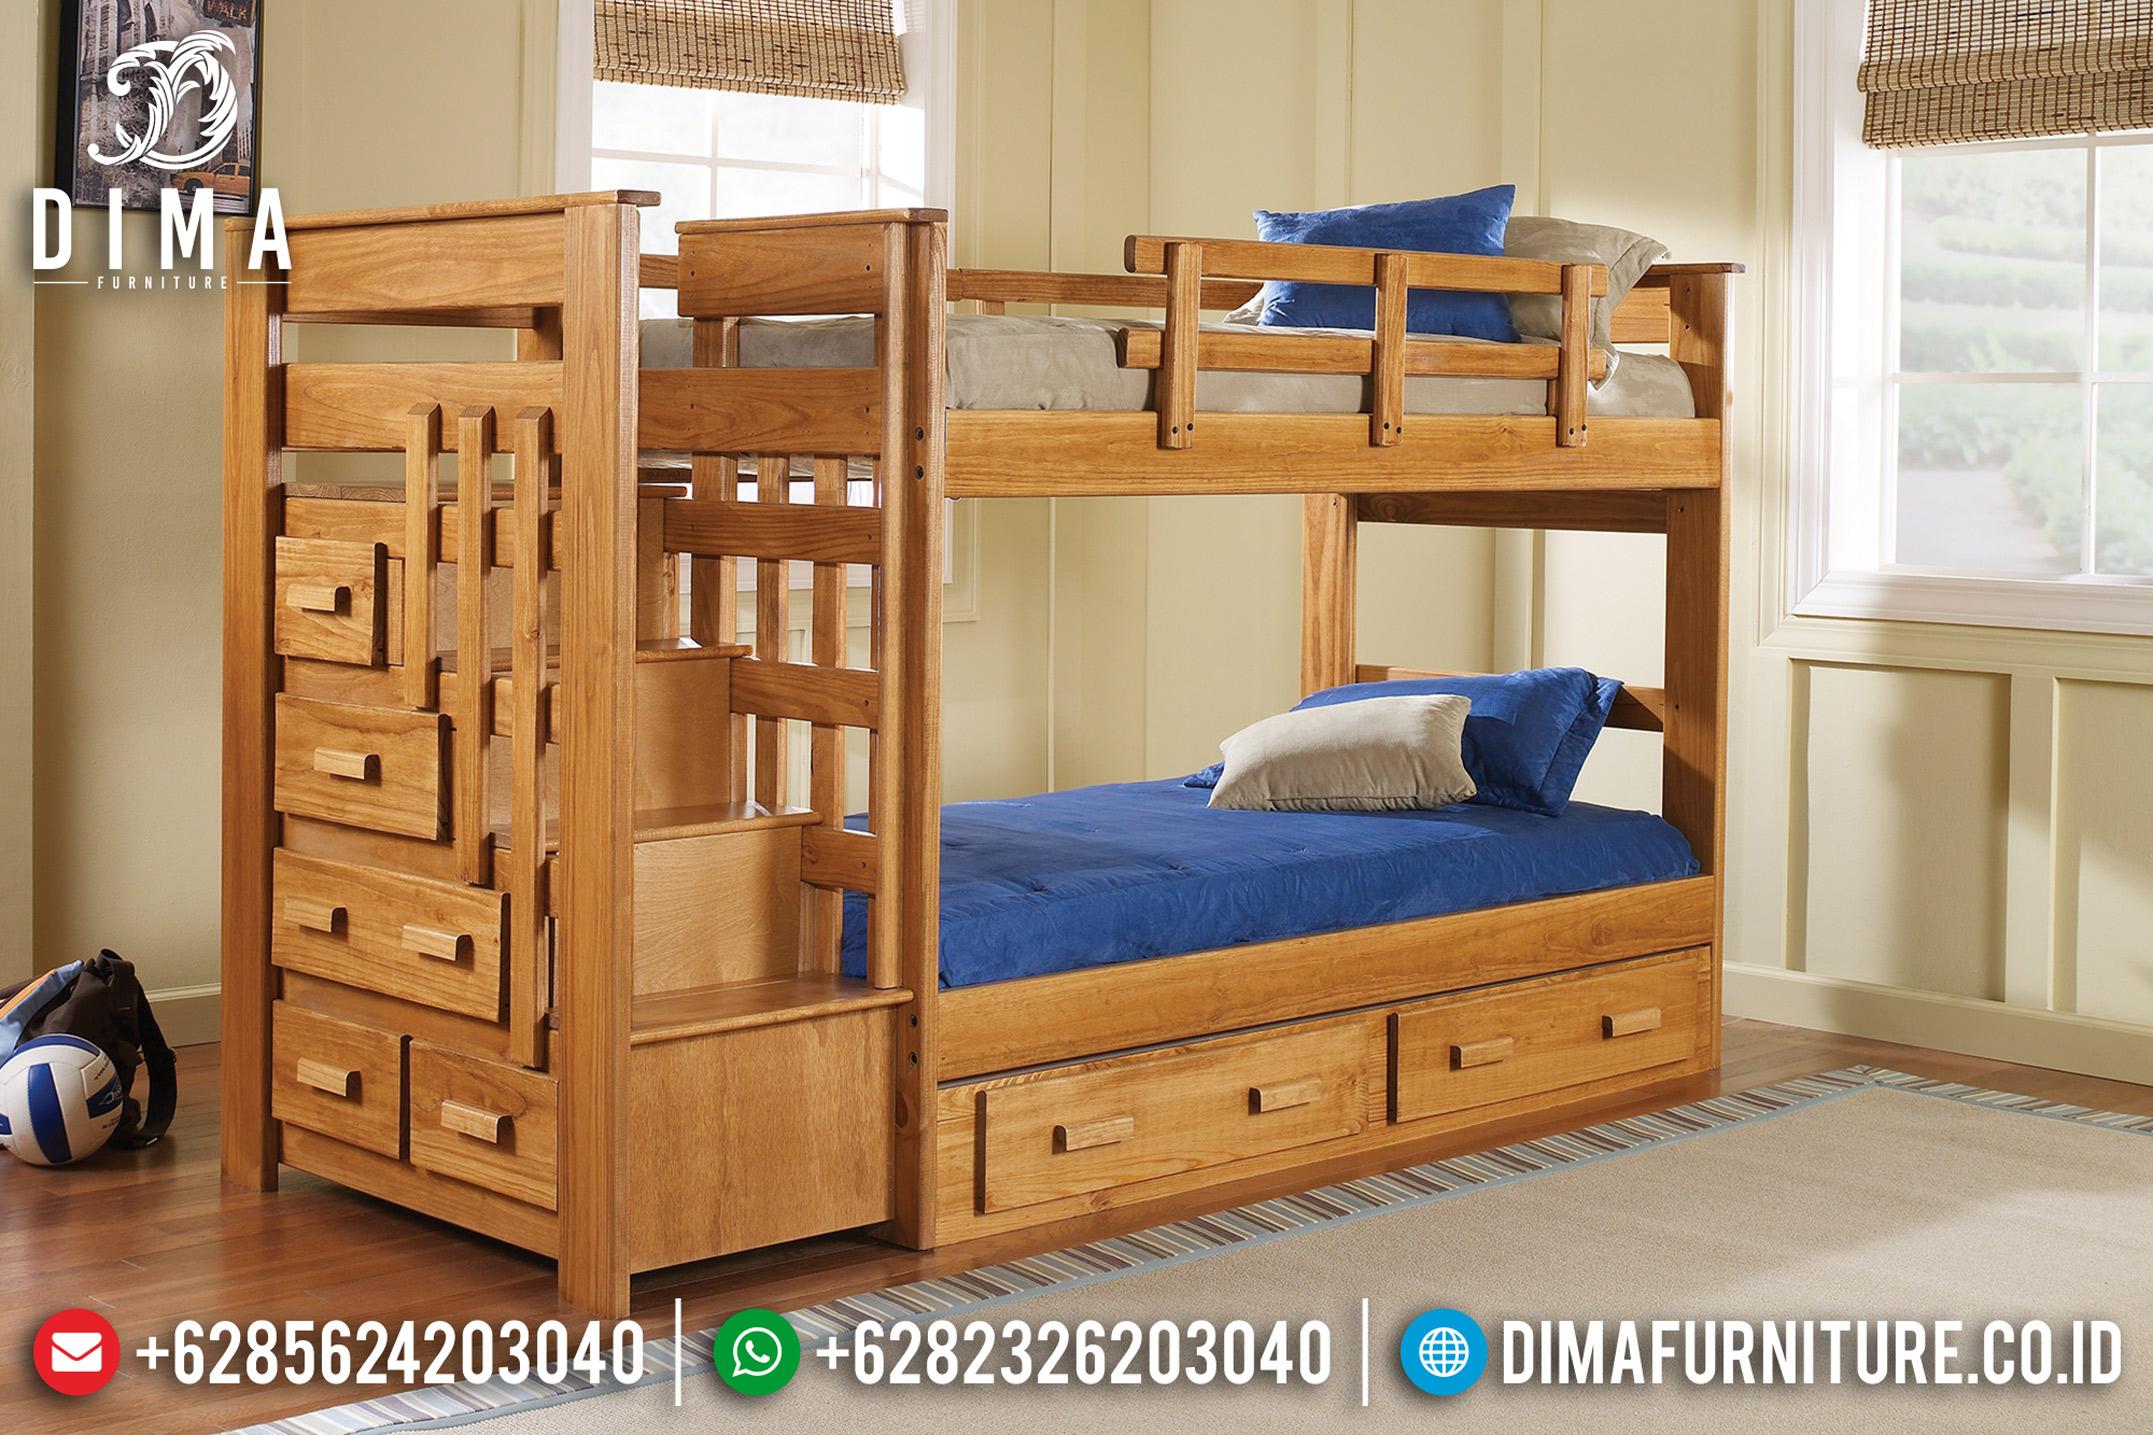 Jual Set Tempat Tidur Tingkat Anak Minimalis Jati Jepara 2019 ST-0662